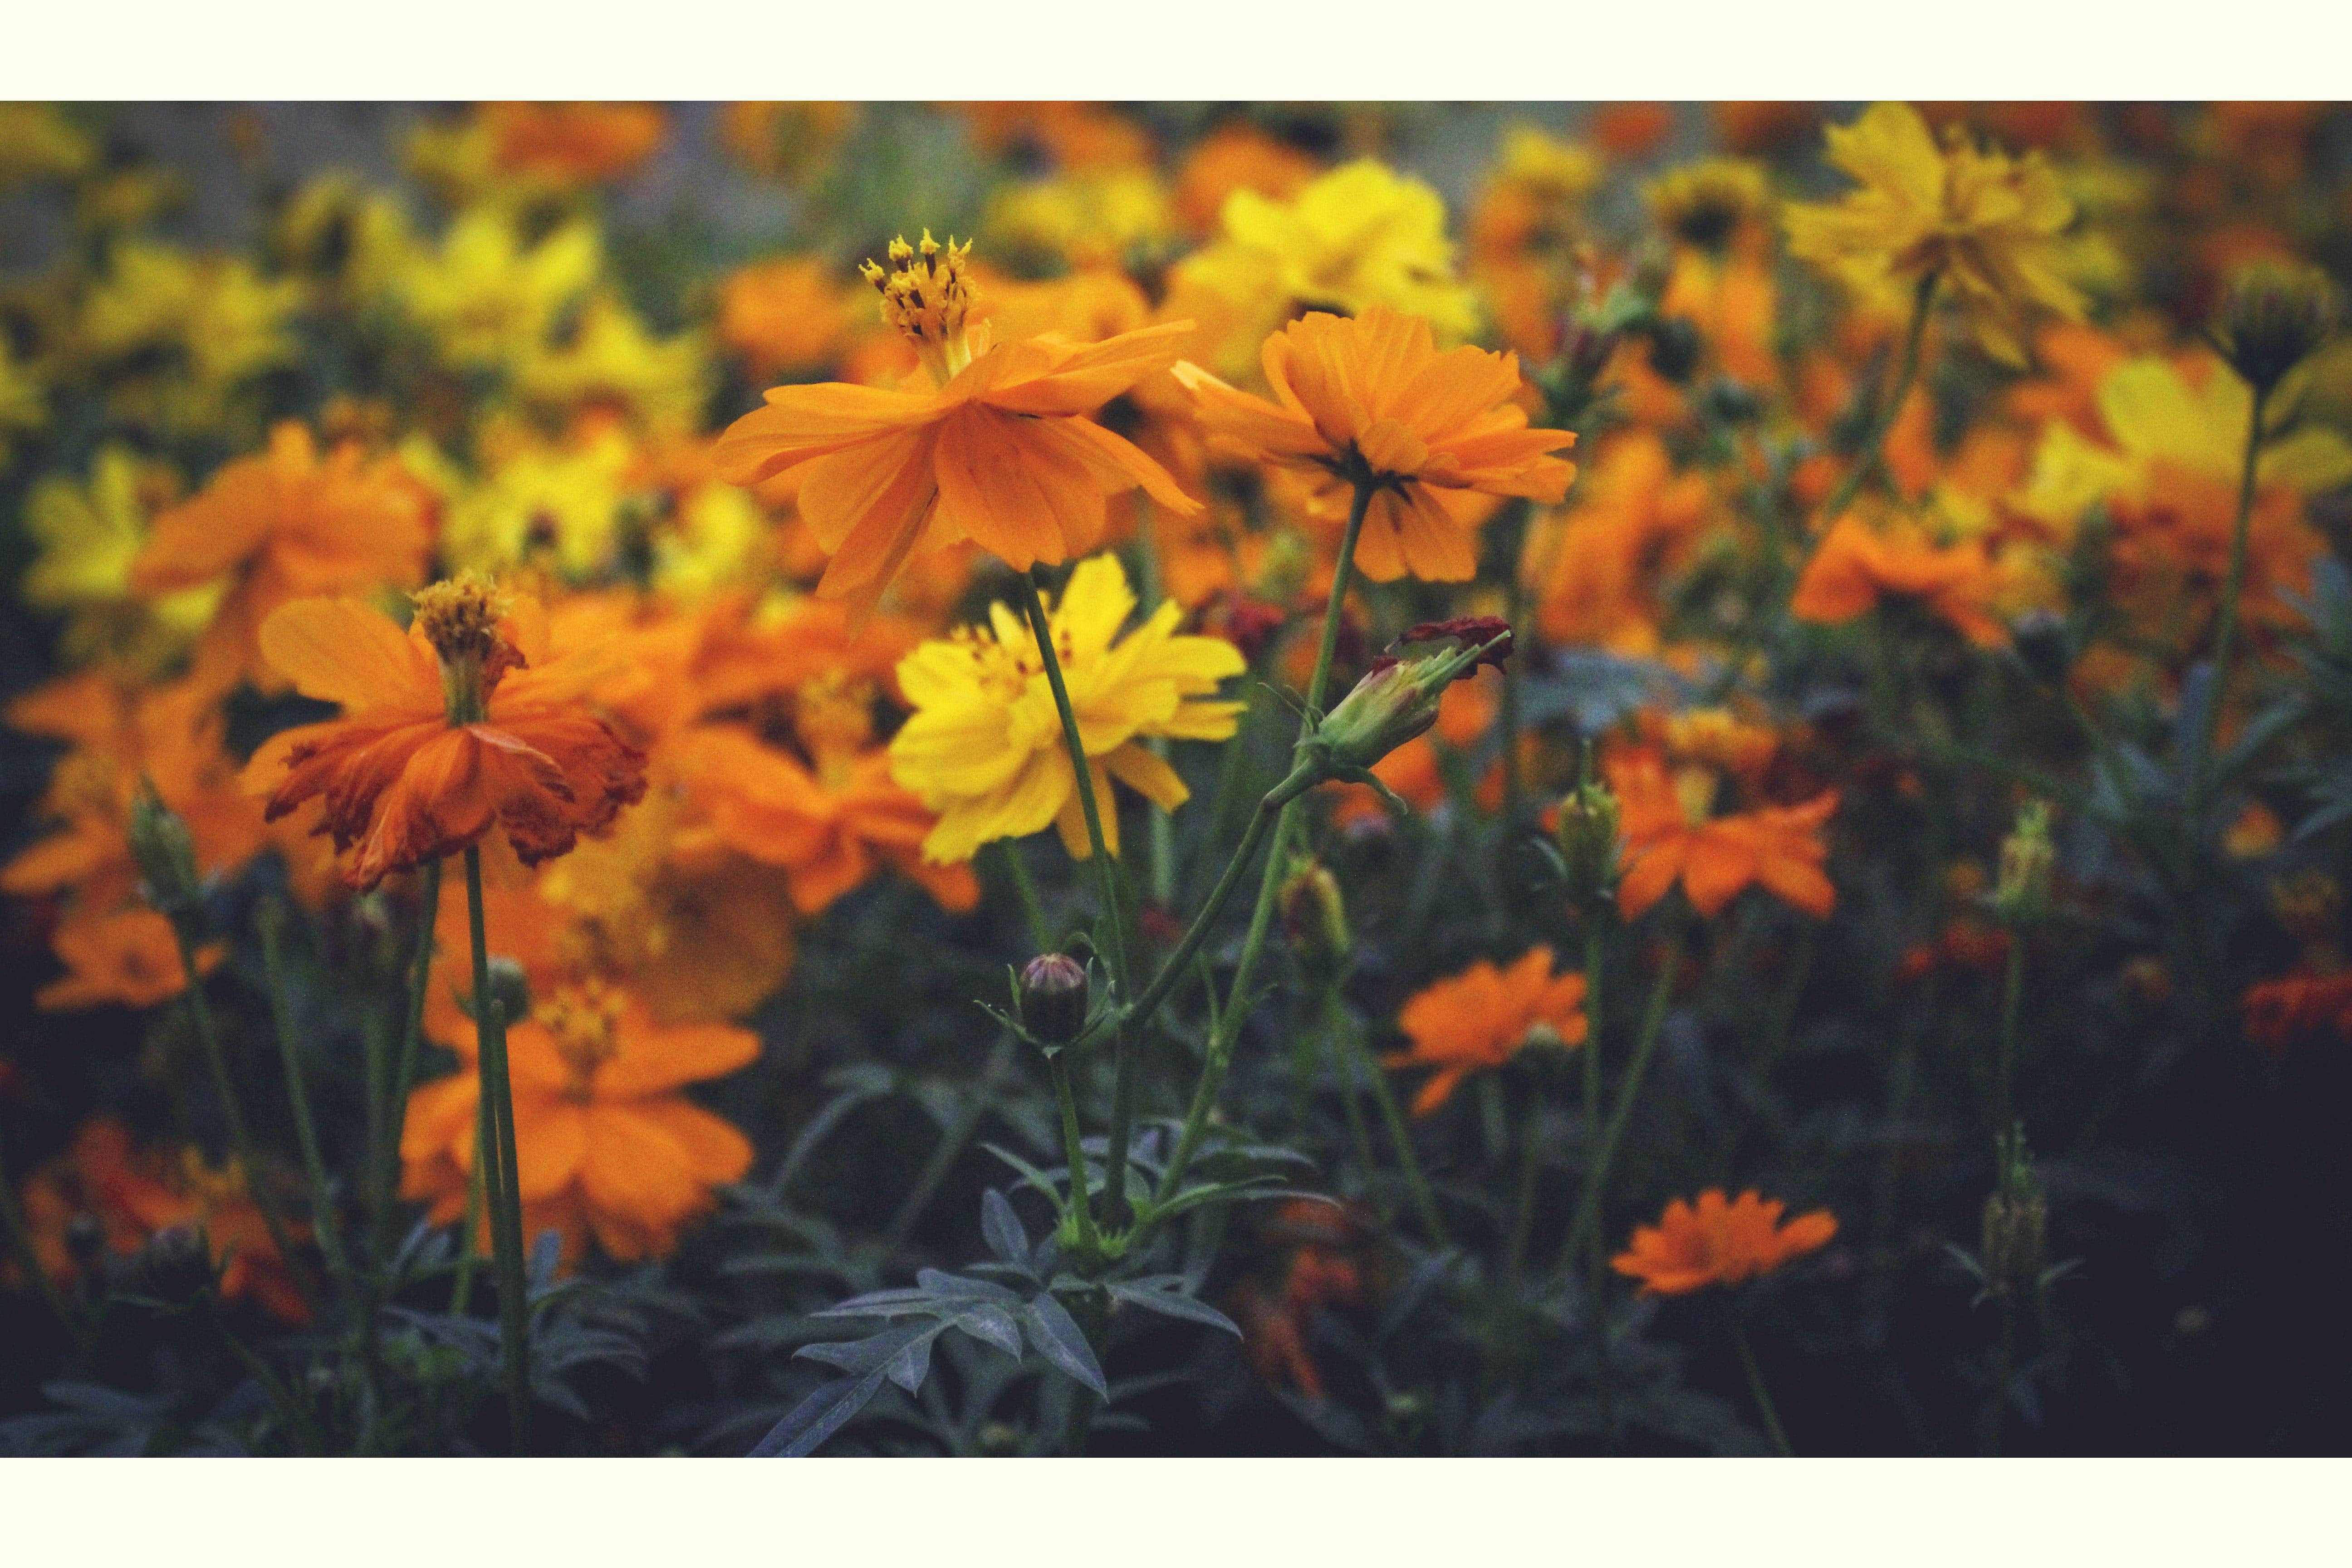 Gratis lagerfoto af kunstige blomster, smuk blomst